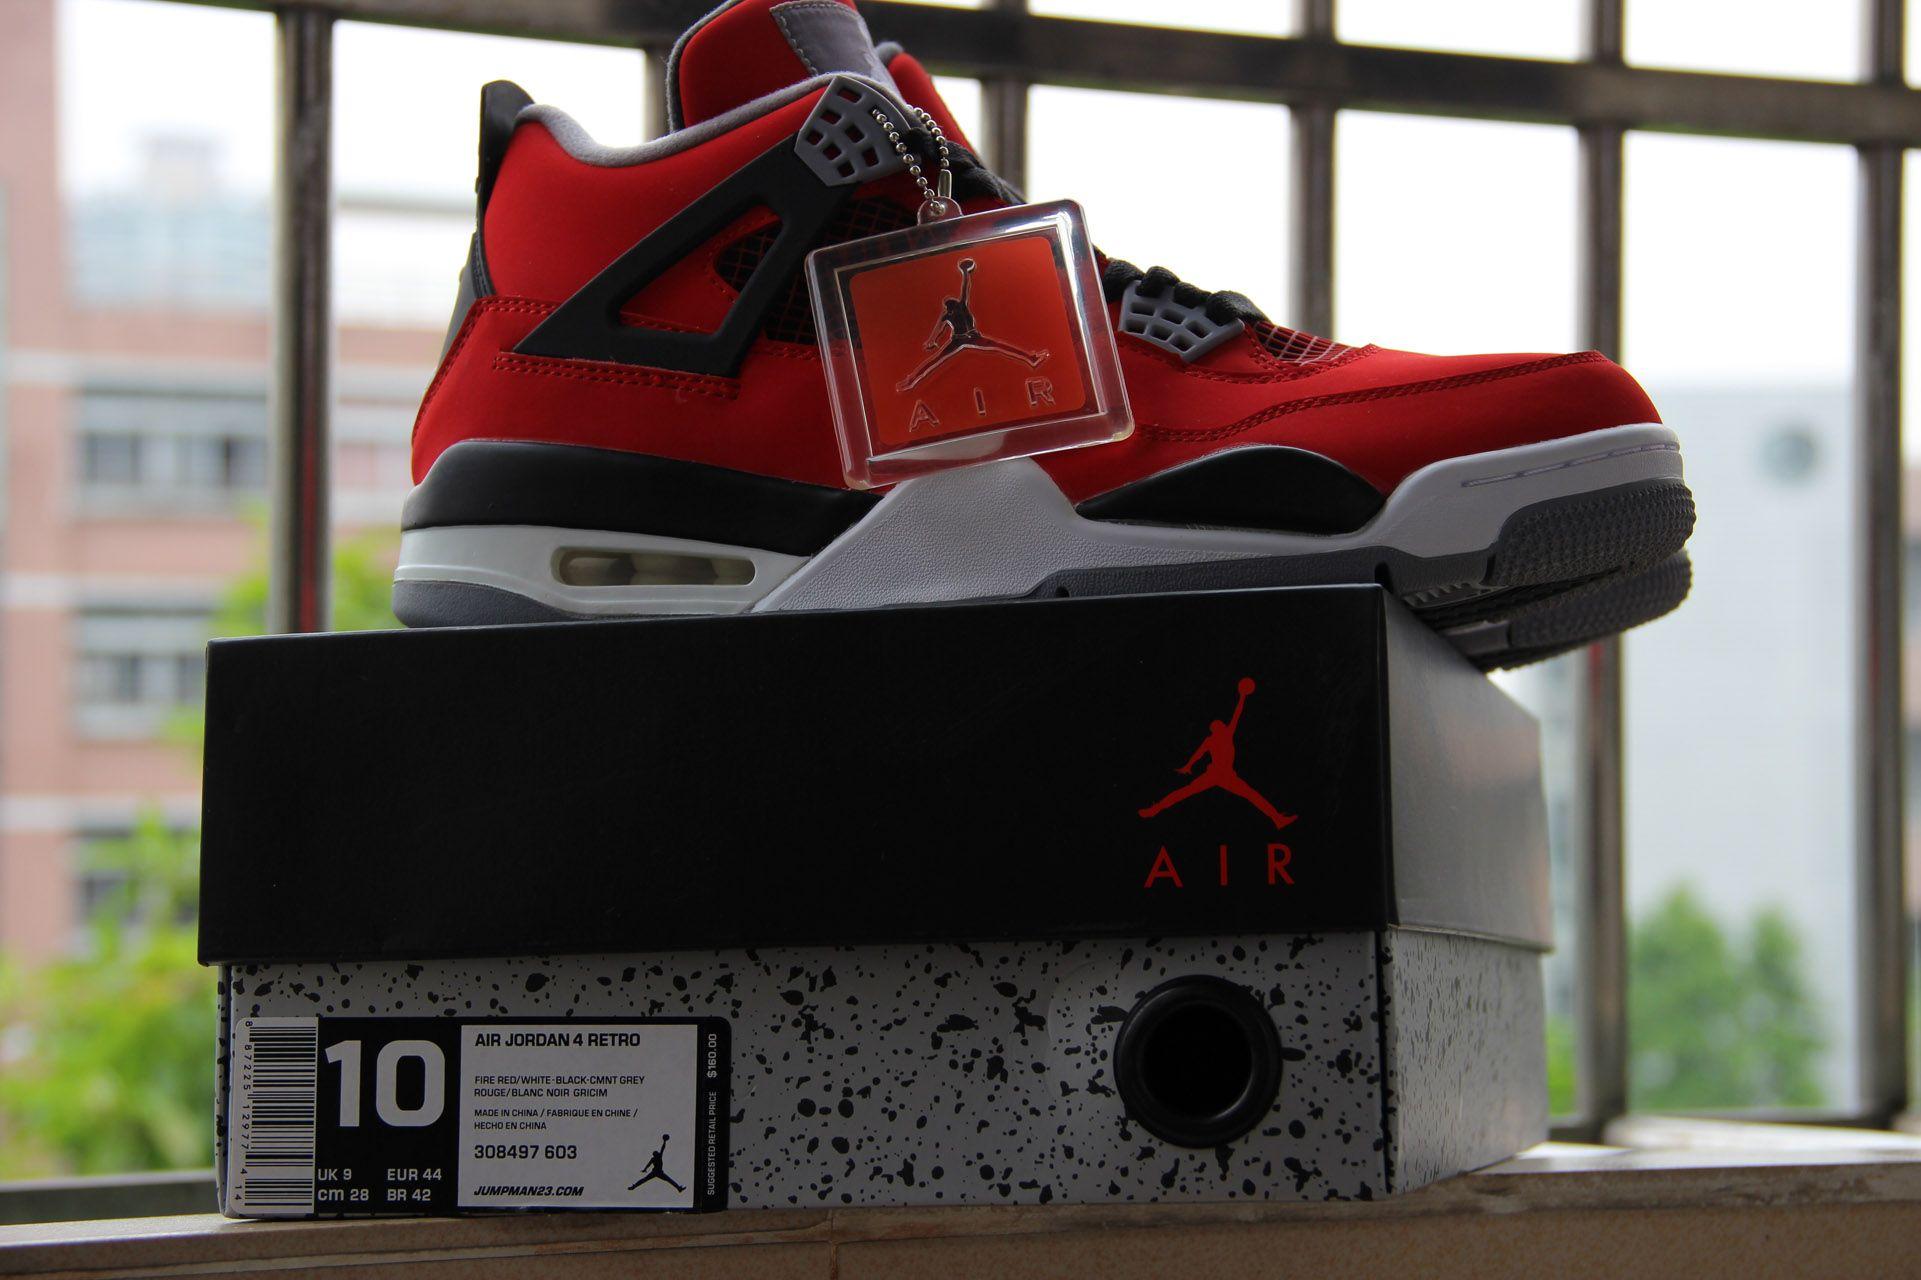 online store 4aad1 1a92e Air Jordan 4 Retro Fire Red Toro Bravo, 308497-603 | Air ...